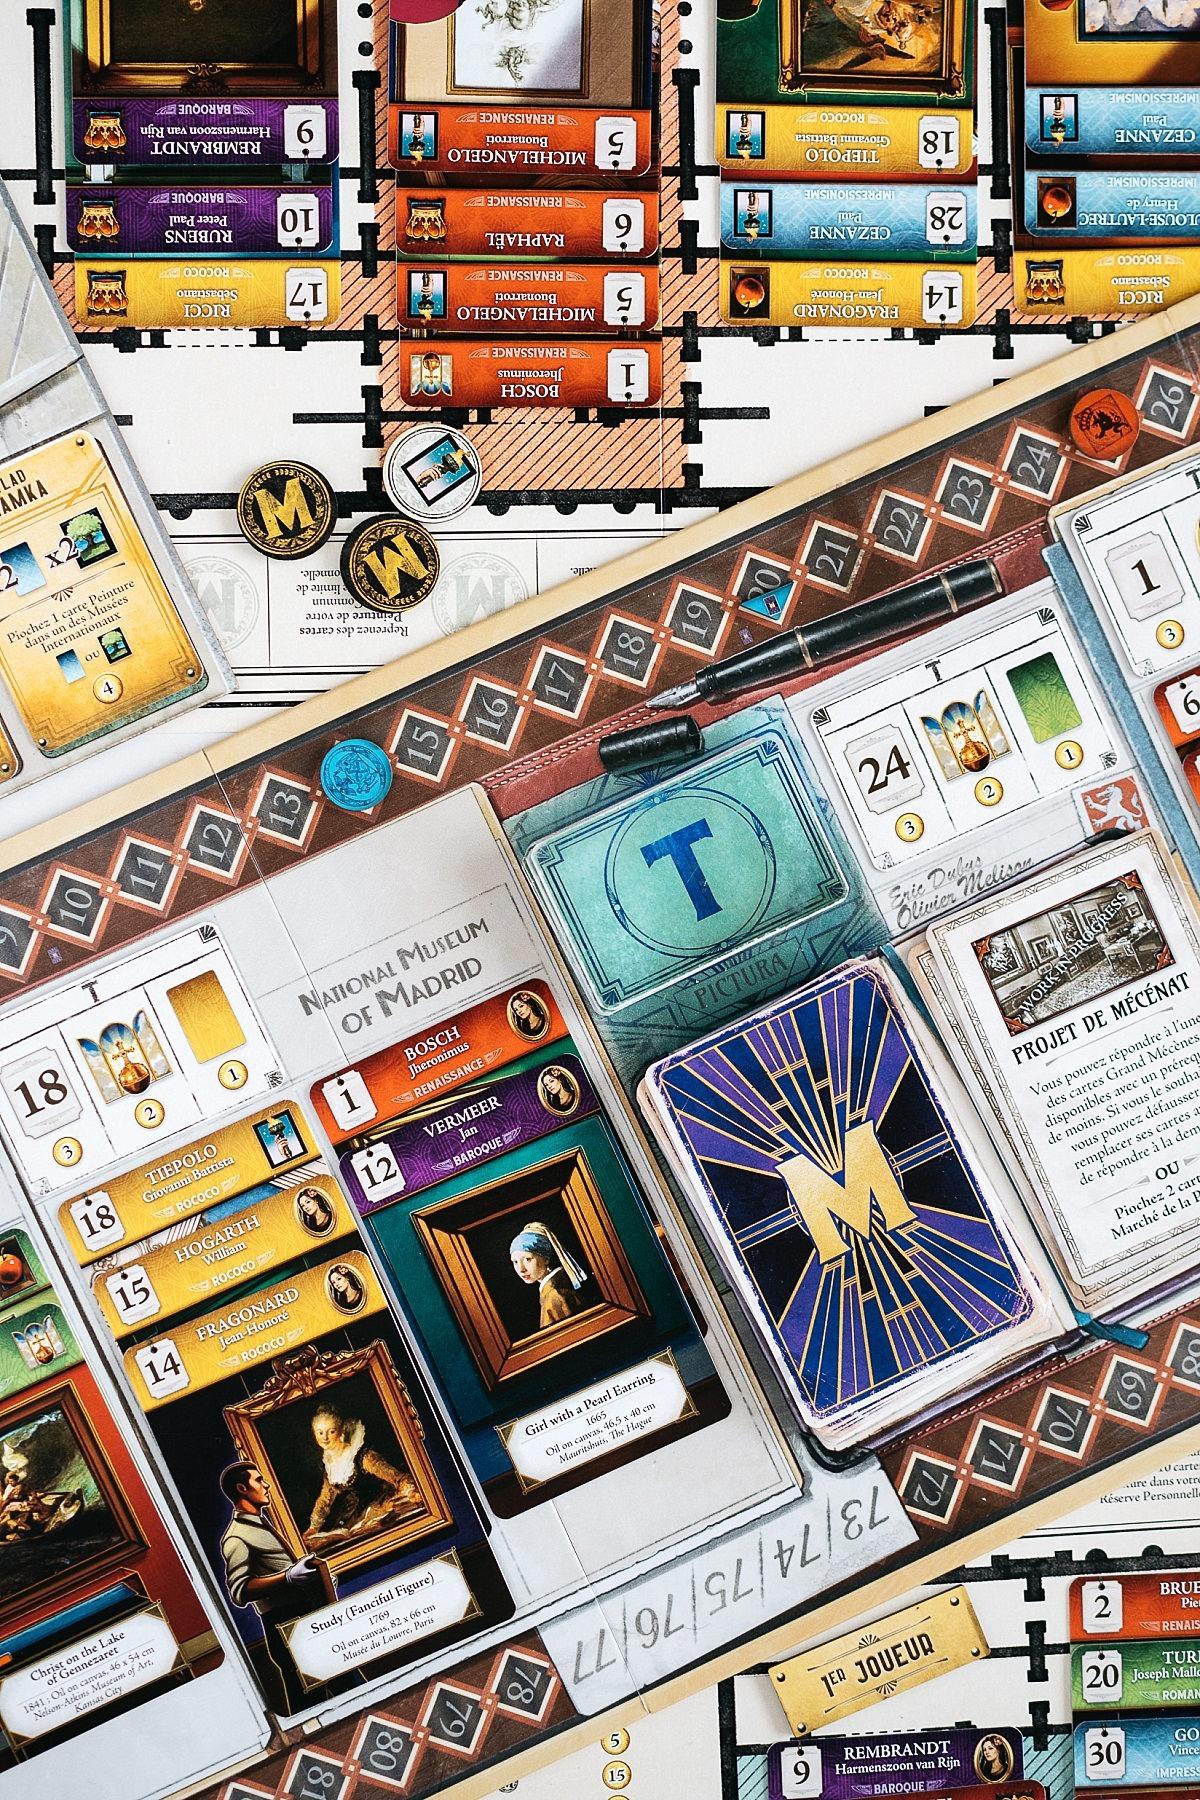 Museum pictura Holy grail games jeu de société